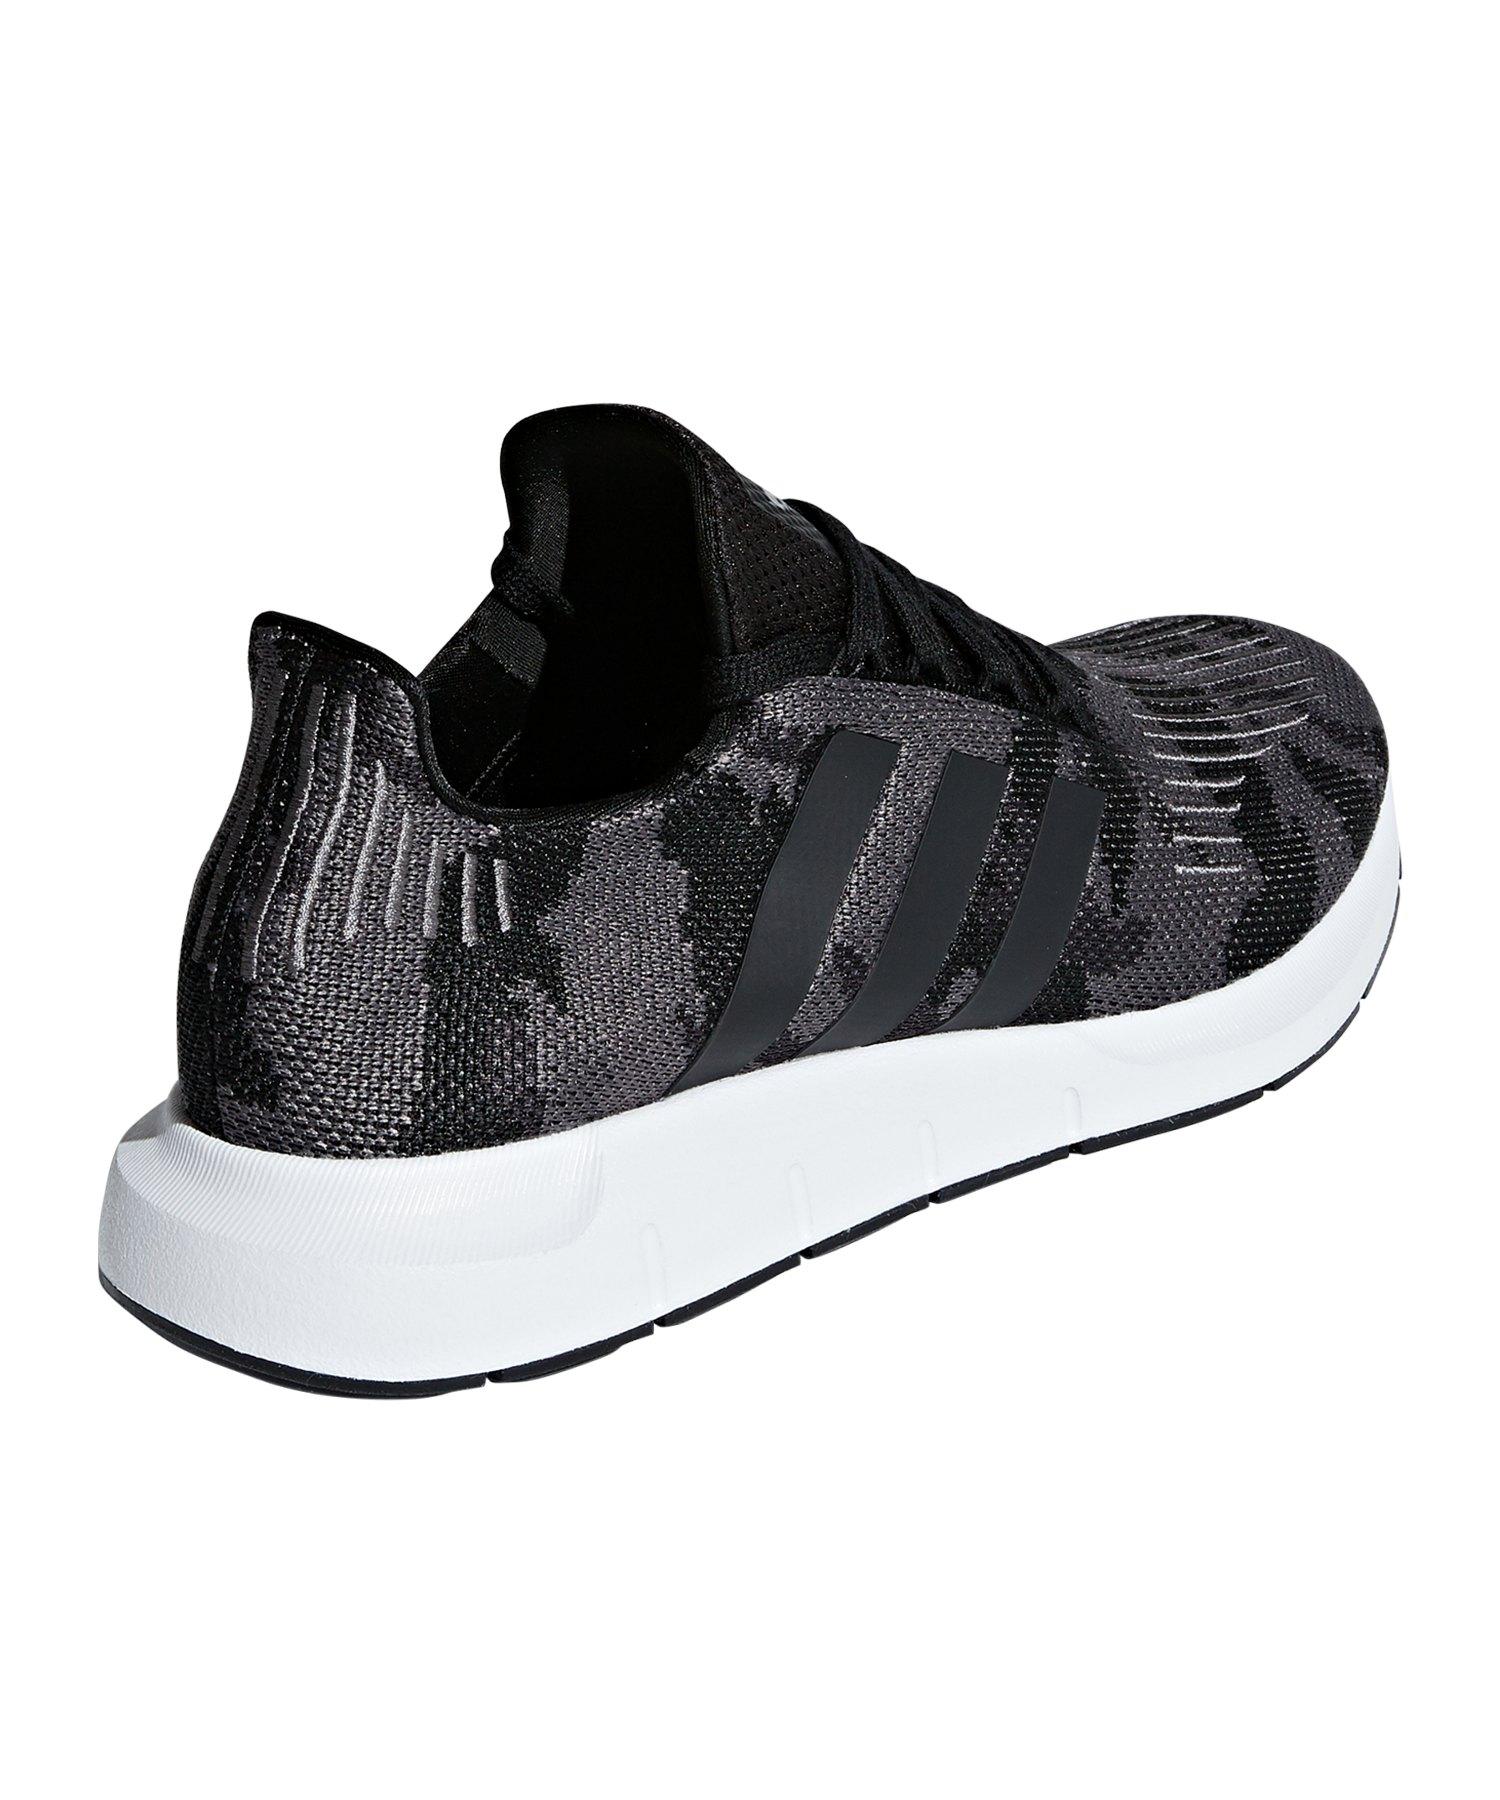 9d7b5b2cd1d23 adidas Originals Swift Run Sneaker Grau Schwarz